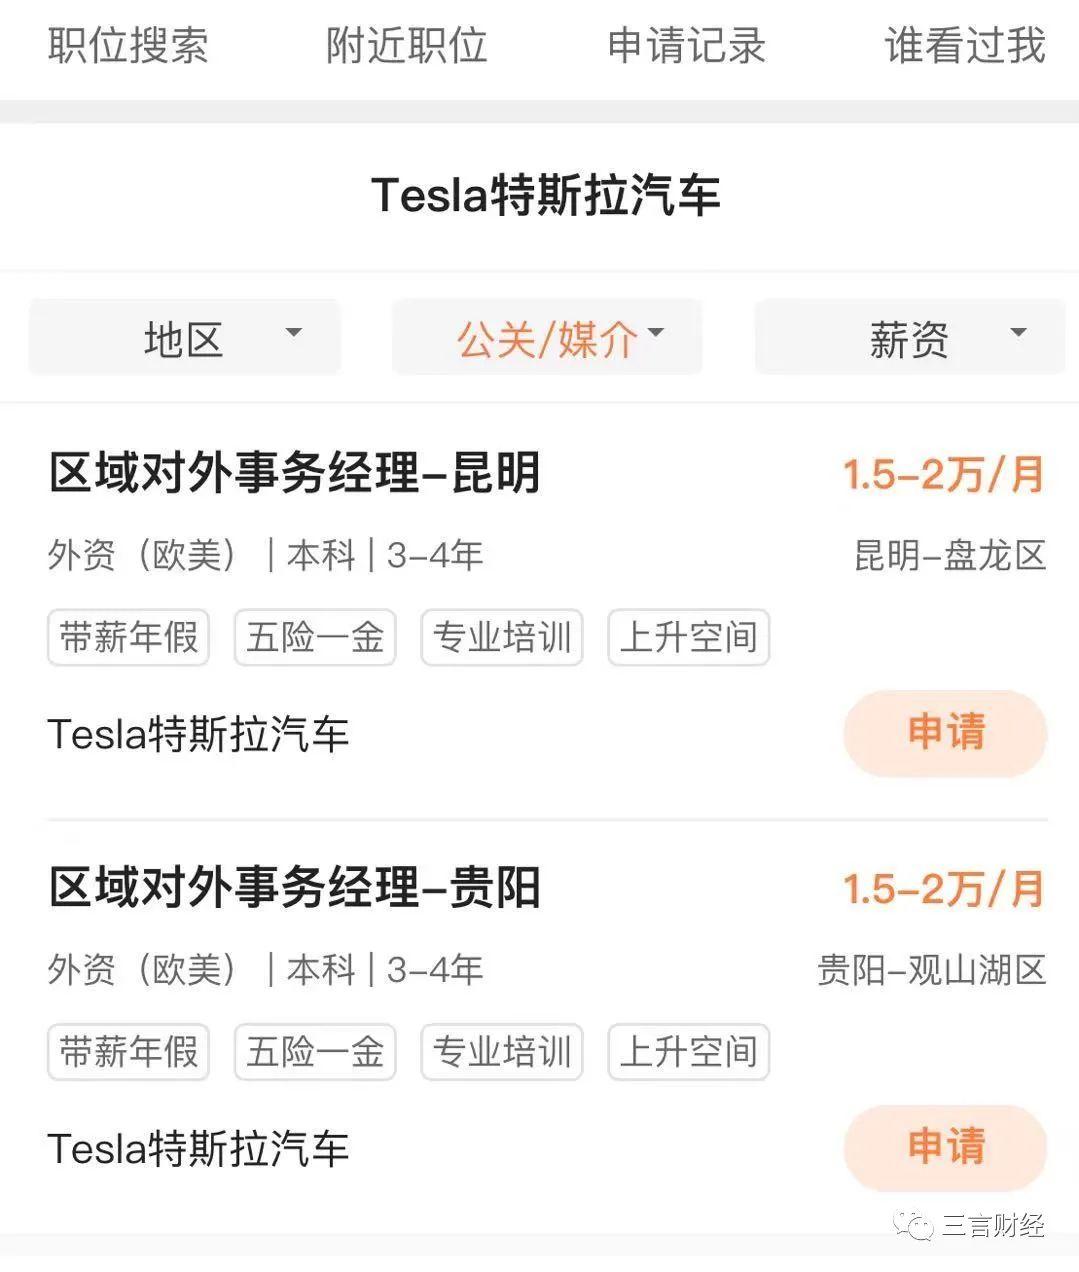 特斯拉将扩充中国公关团队 已有互联网公司PR加入 特斯拉中国